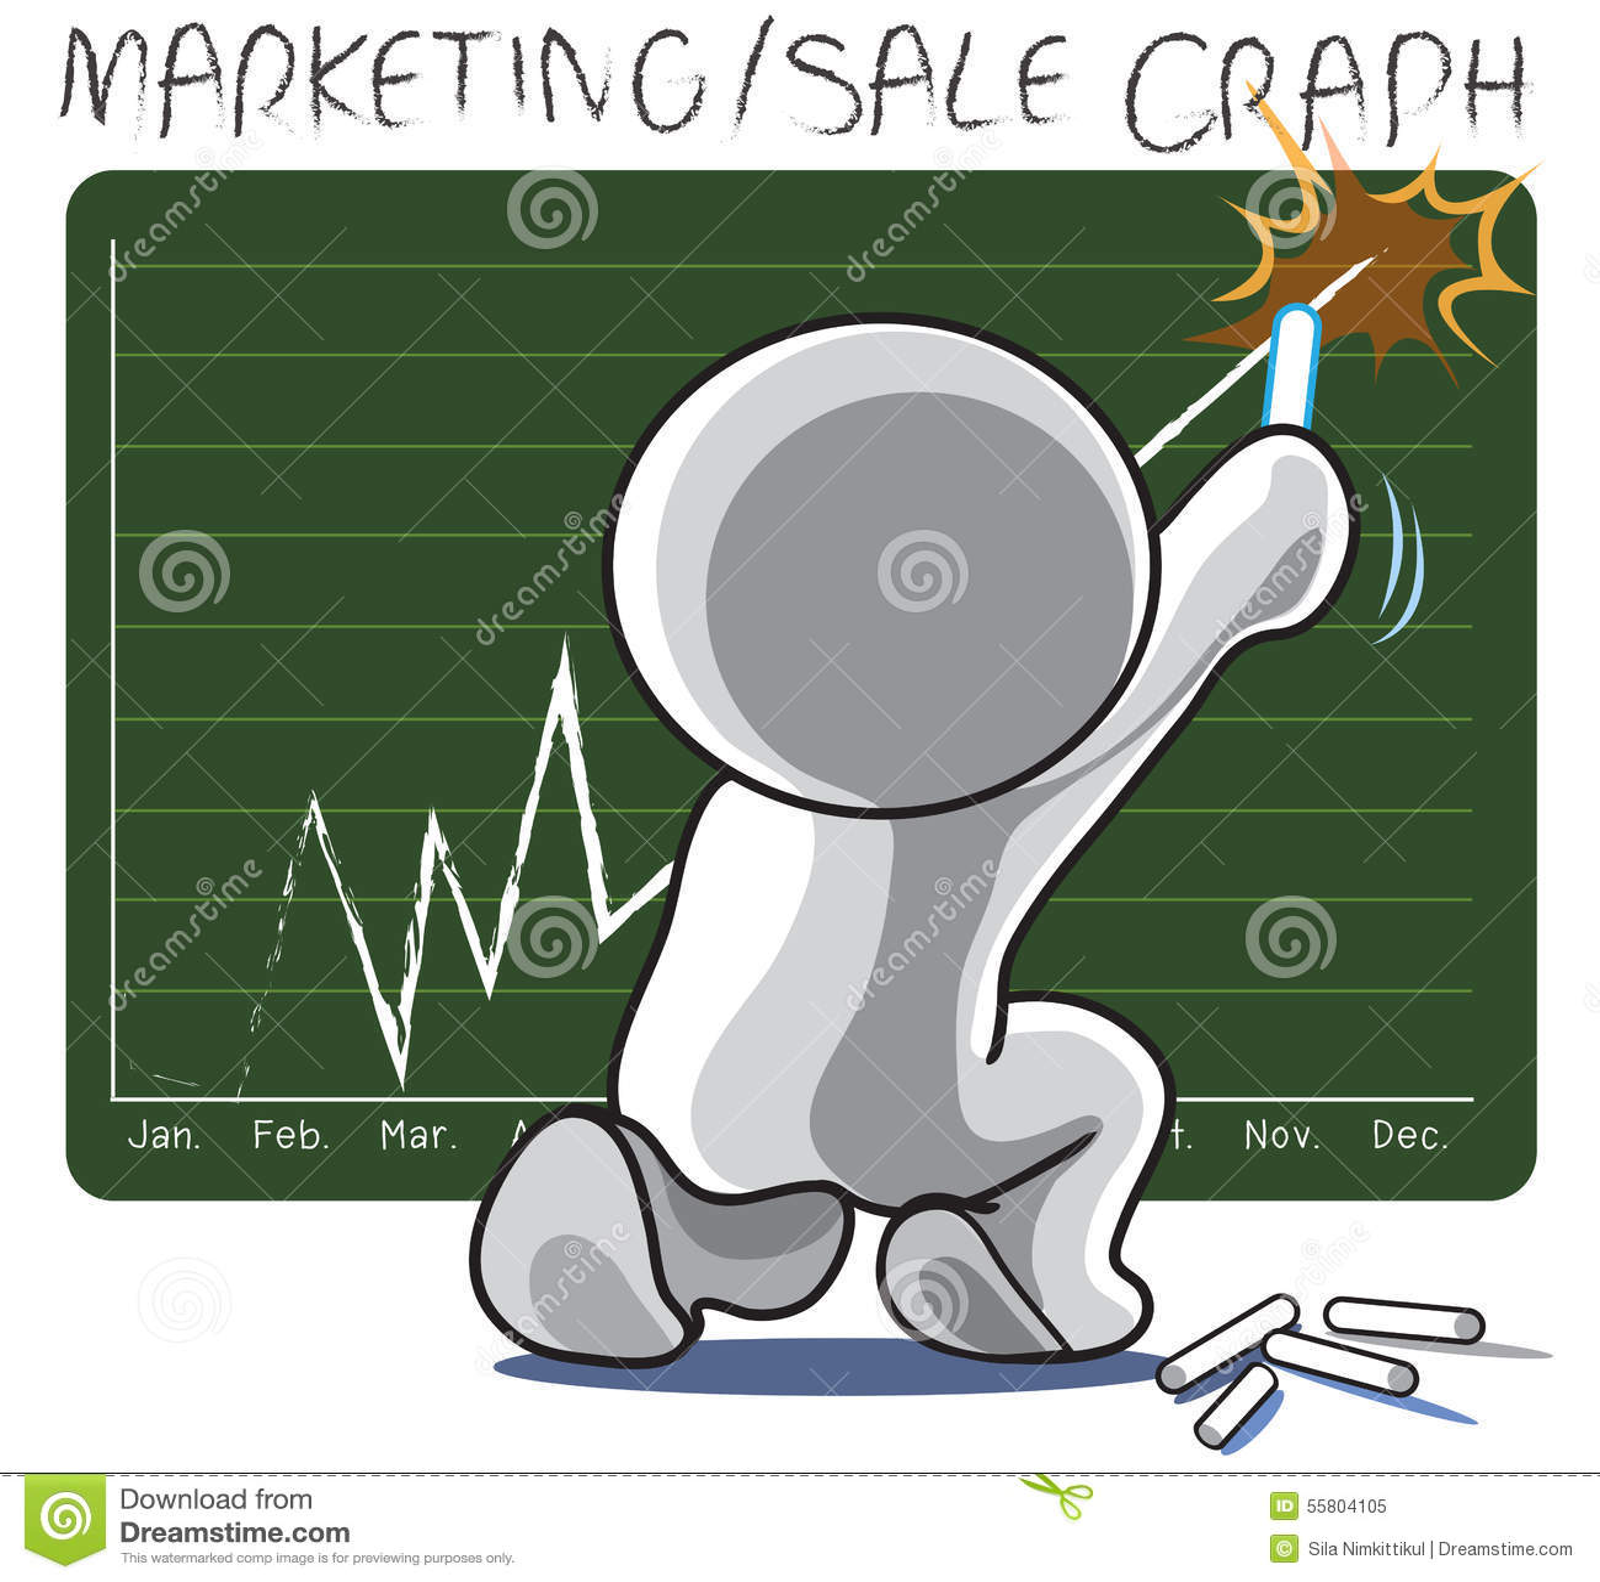 b0500a2c21785 Доска объявлений диаграммы успеха продажи маркетинга сидит ...